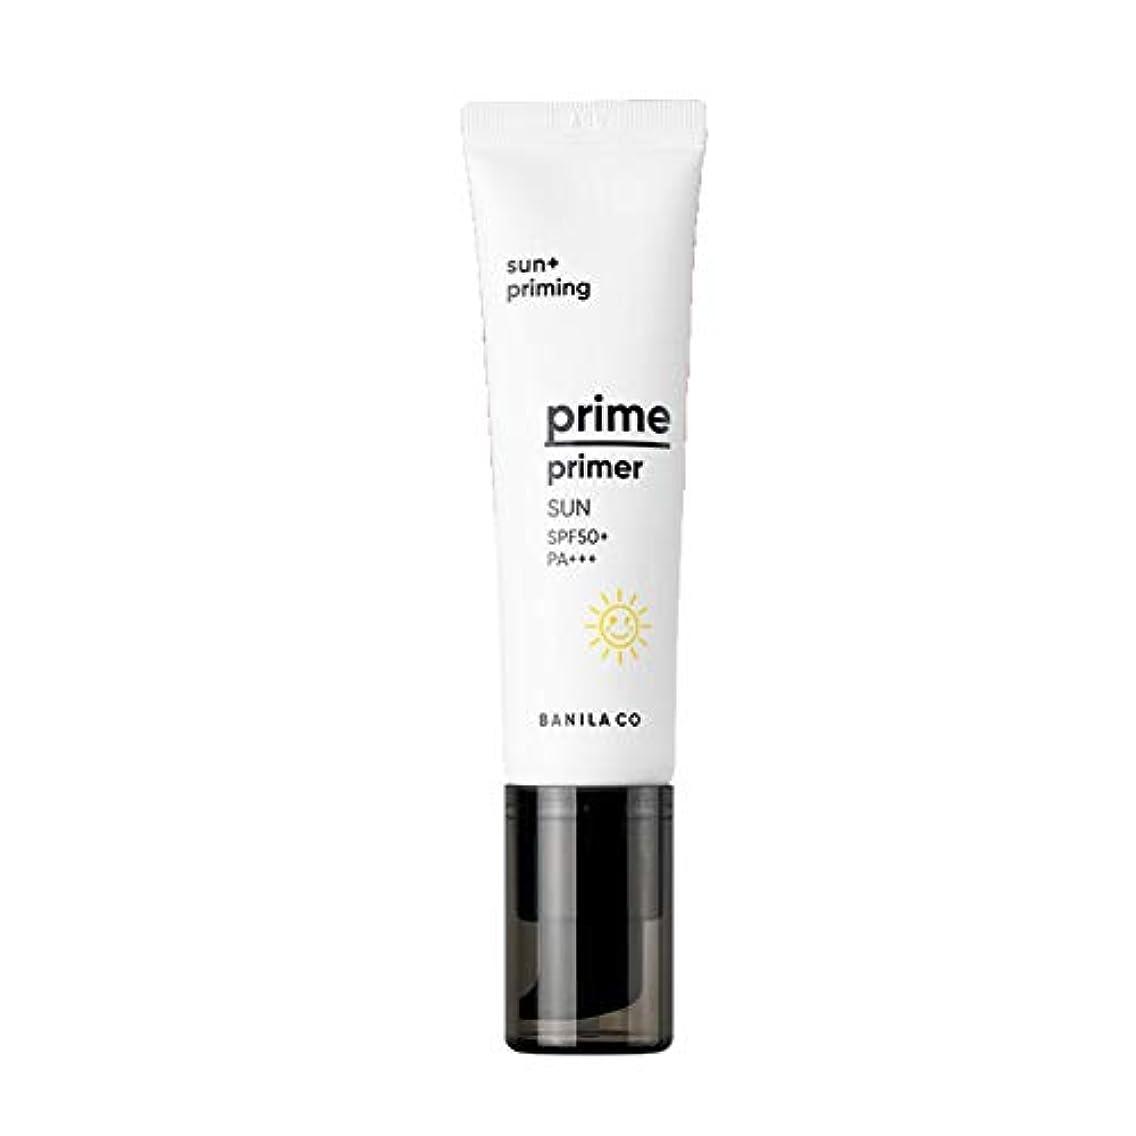 ボランティアパースマガジンバニラコプライムプライマーサン30mlサンクリーム韓国コスメ、Banila Co Prime Primer Sun 30ml Sun Cream Korean Cosmetics [並行輸入品]